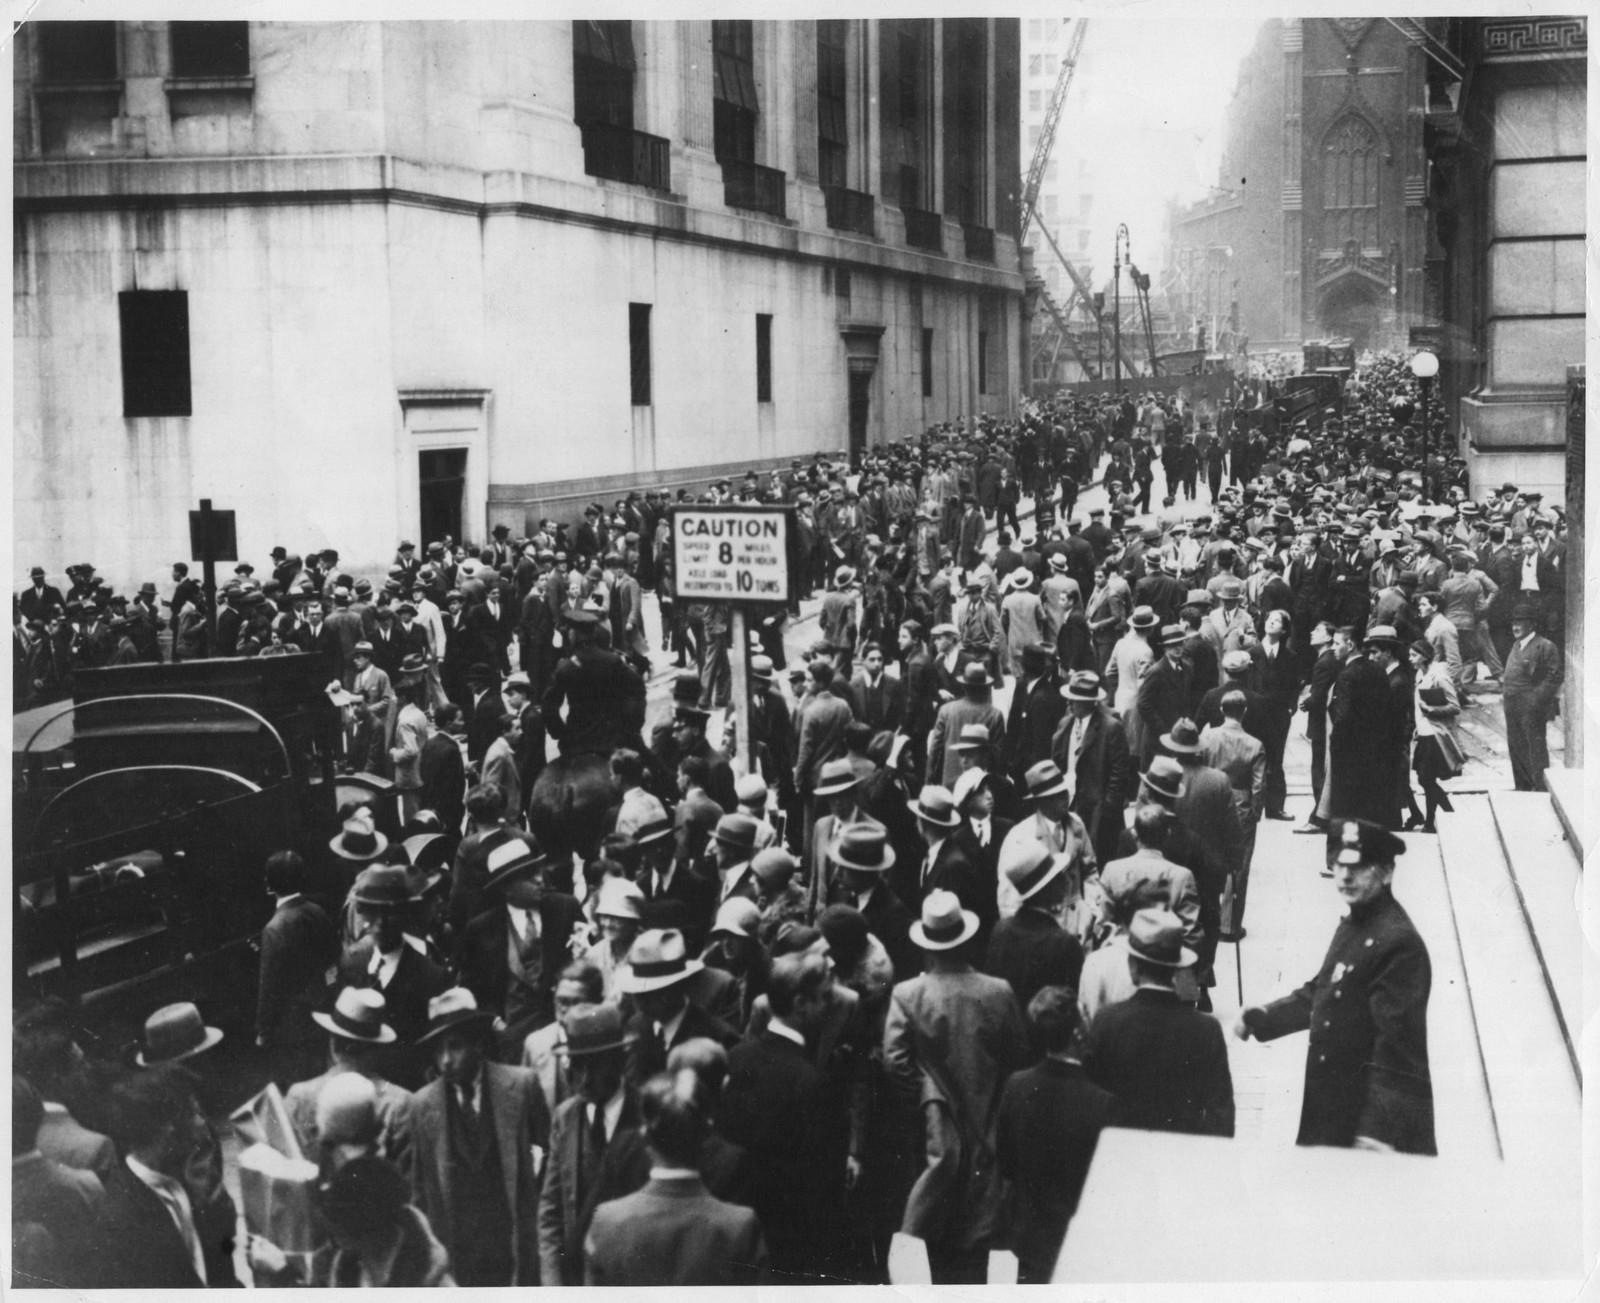 """Μύθος ή αλήθεια; Οι μαζικές αυτοκτονίες τραπεζιτών στο Κραχ του 1929. Ο άγνωστος ρόλος του Τσόρτσιλ και τα αστεία για """"όσους δεν έβρισκαν δωμάτιο για να πηδήξουν"""""""